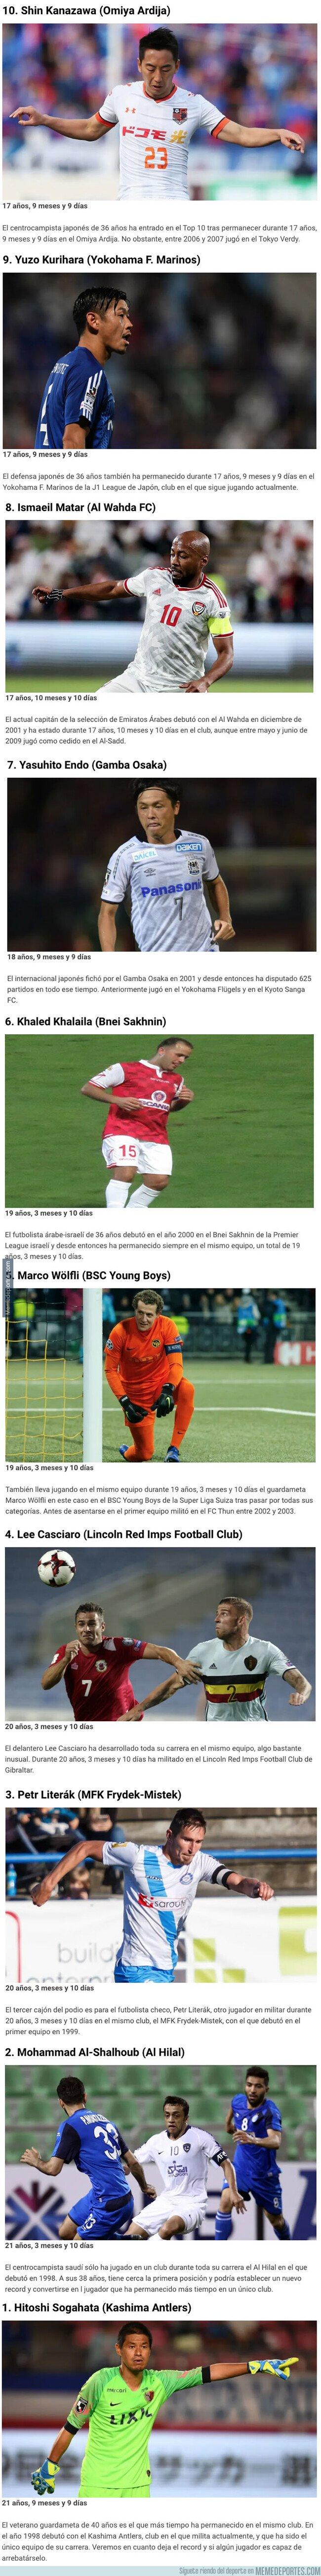 1088244 - Los 10 futbolistas que duraron más tiempo en el mismo club